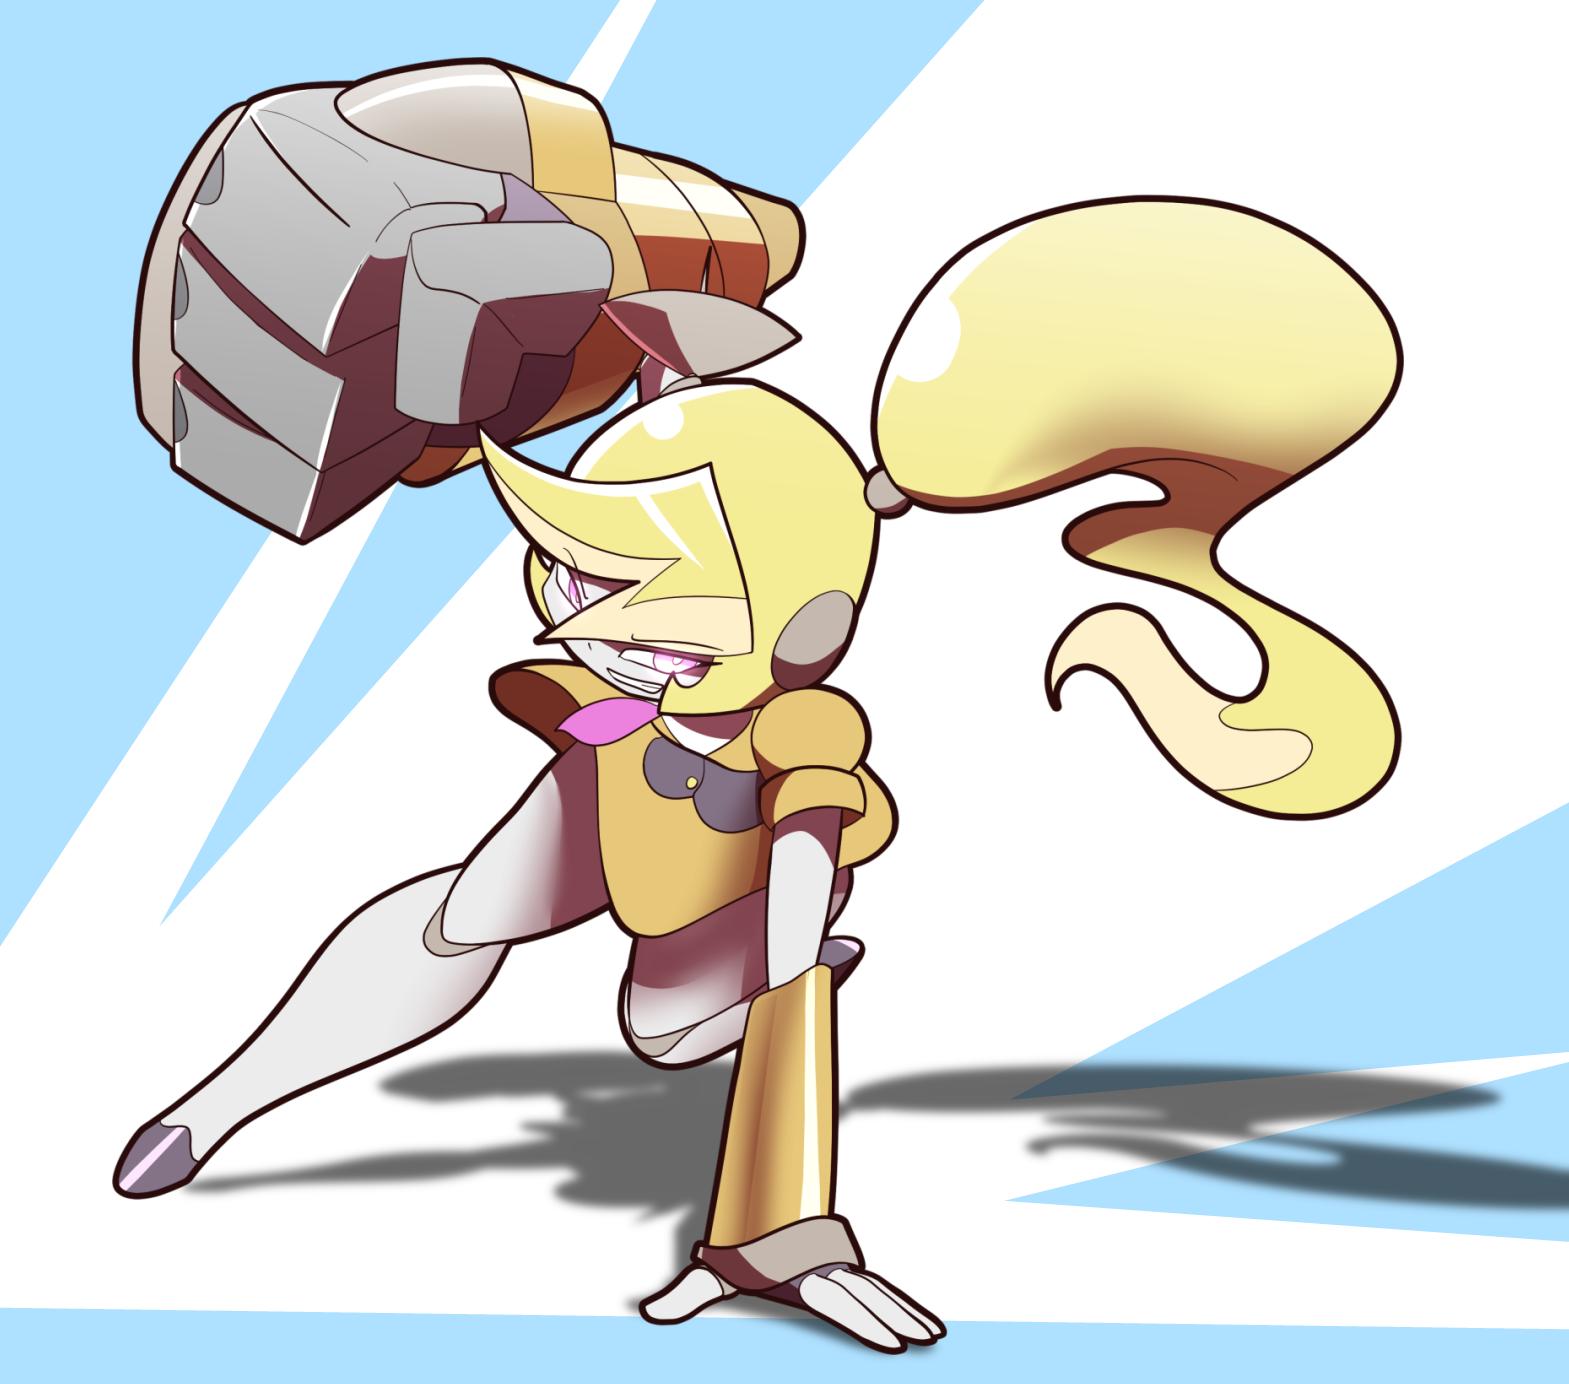 Pivot Punch